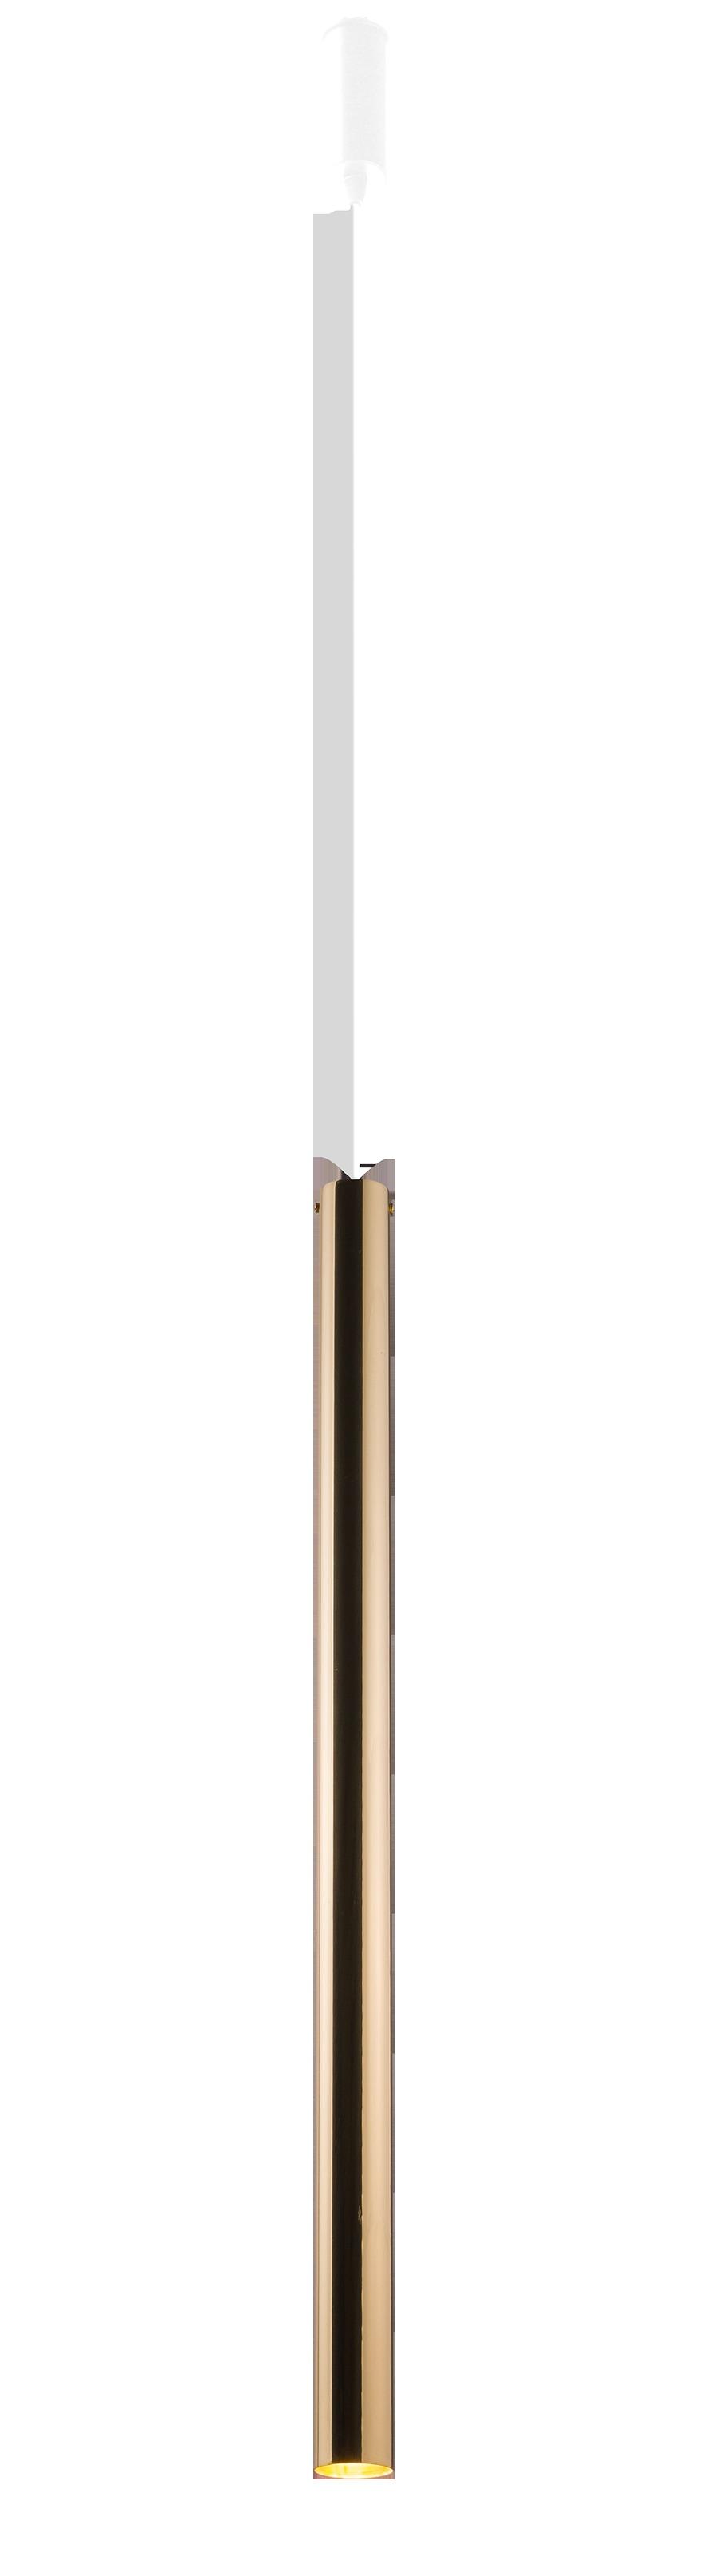 Lampa wisząca Akadi 1 Biały 0142 - Amplex // Rabaty w koszyku i darmowa dostawa od 299zł !